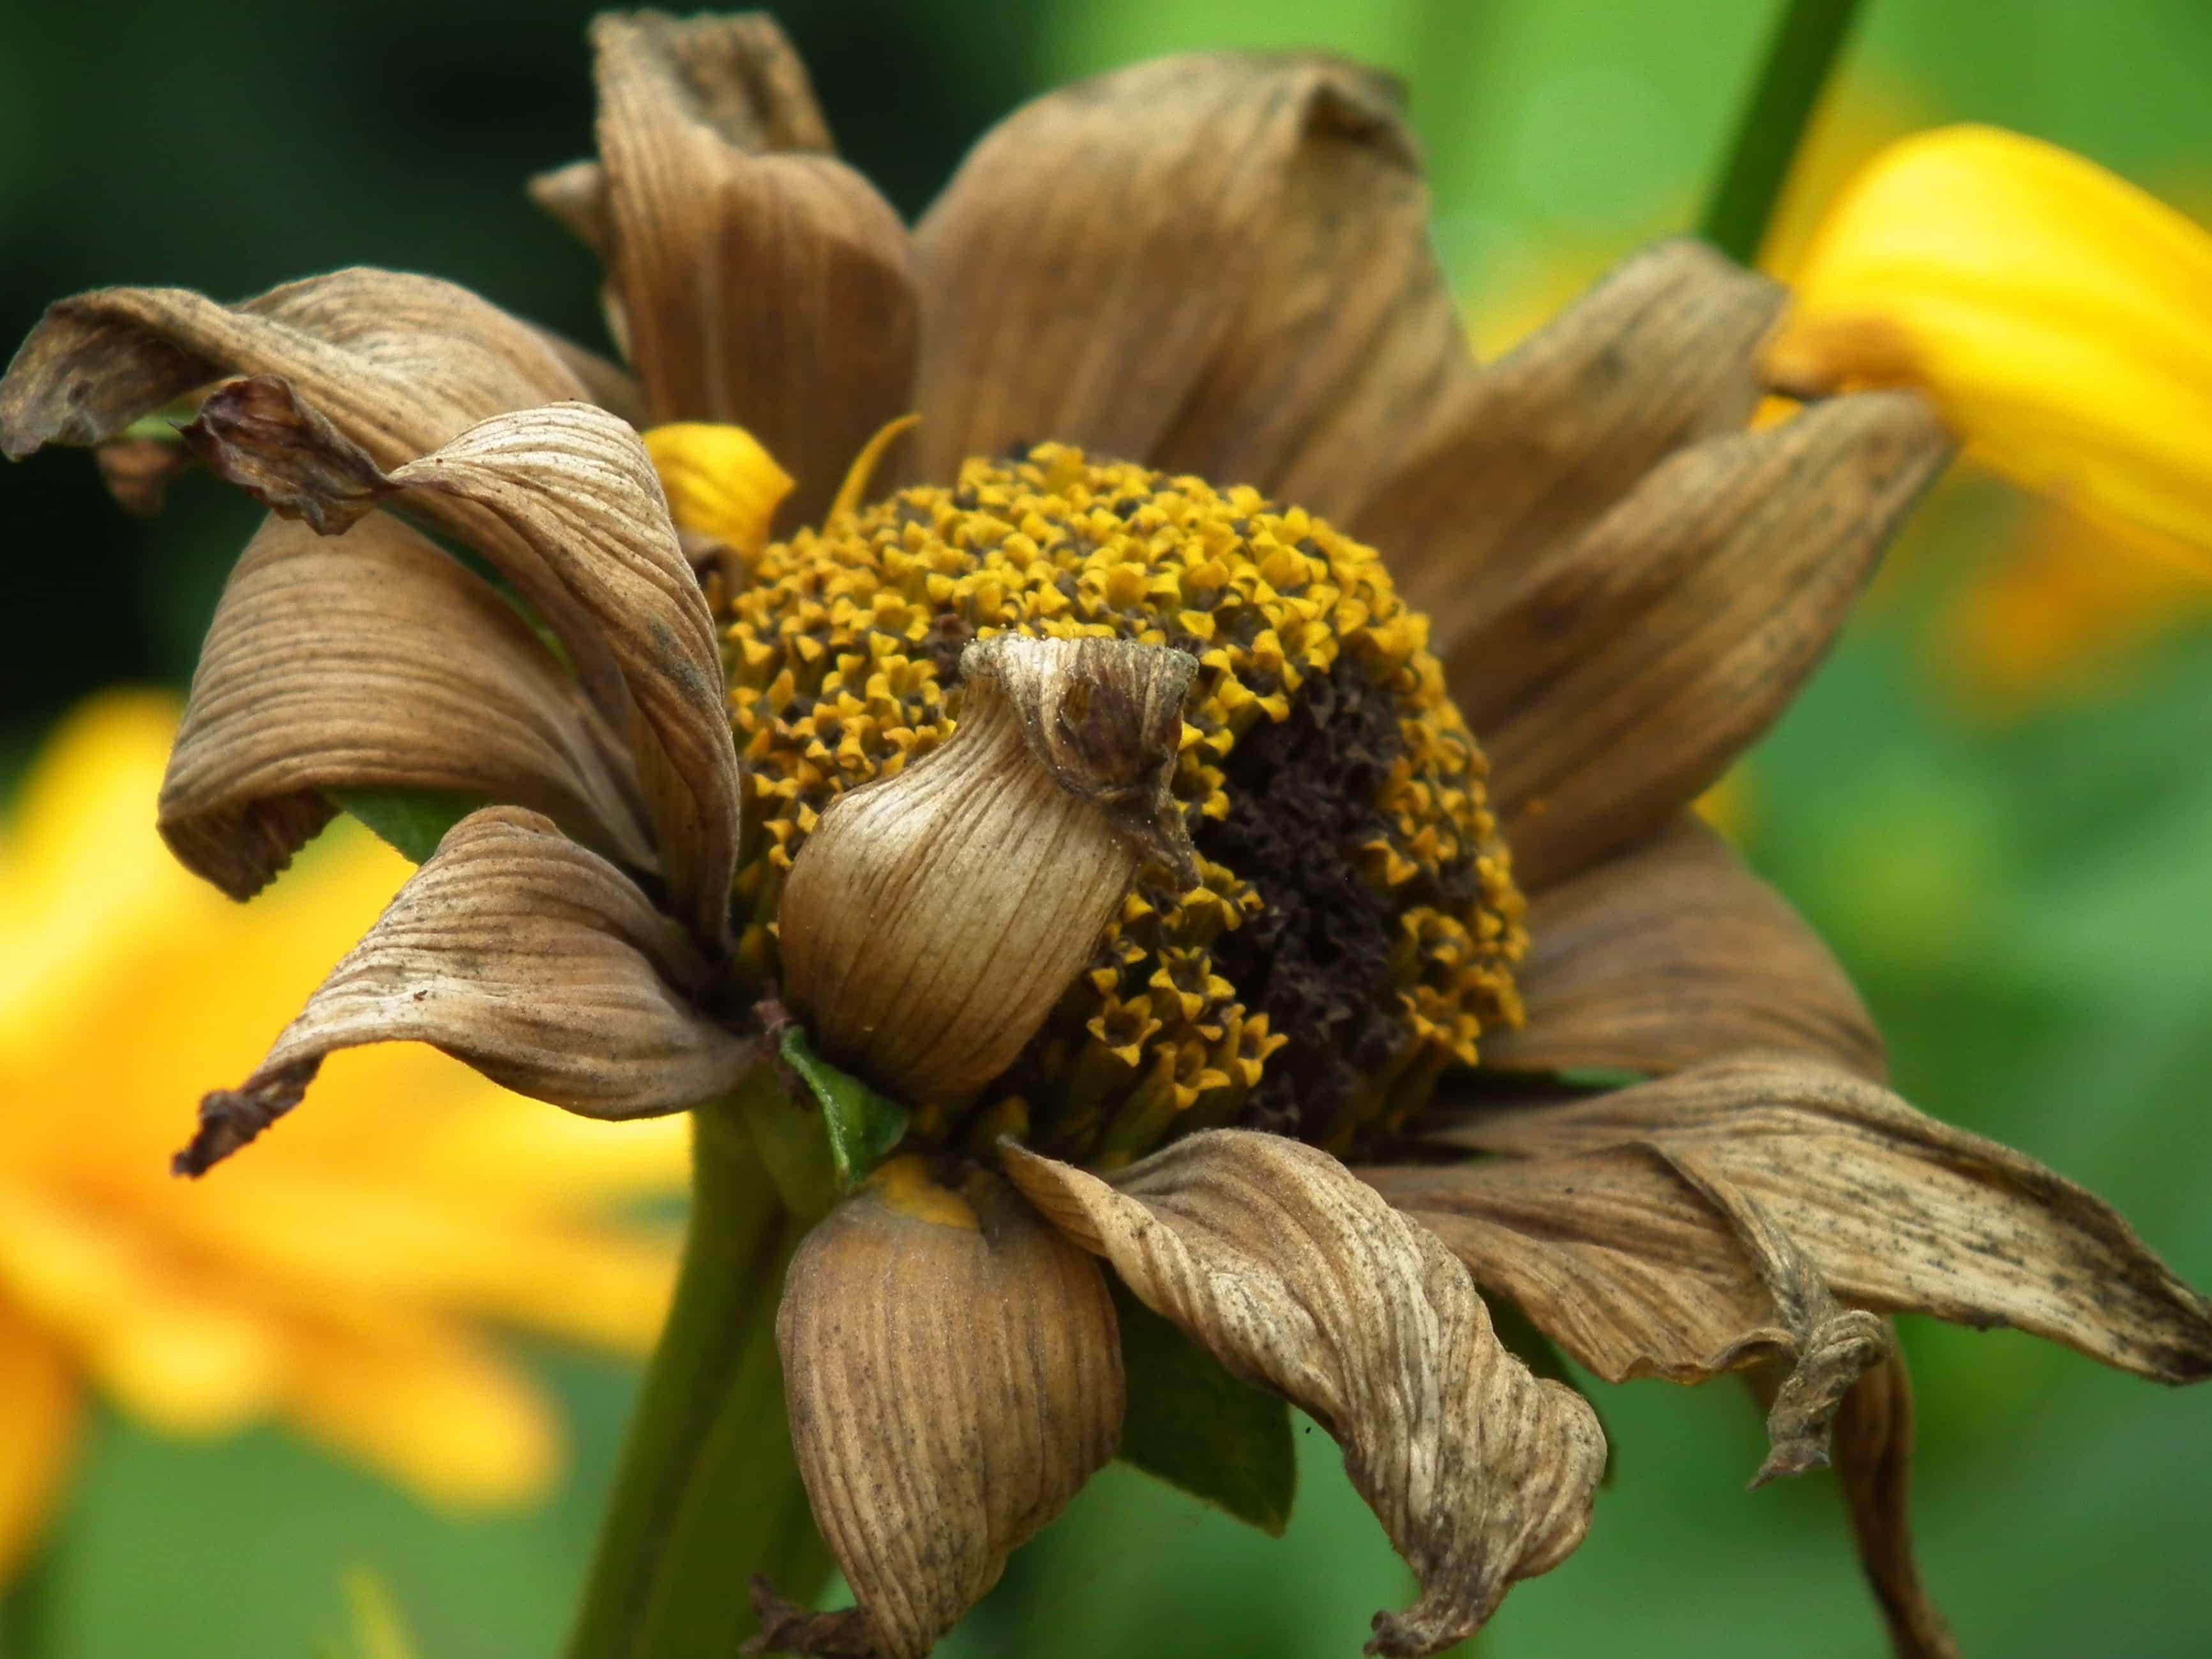 Imagen Gratis Hoja Flora Naturaleza Flor Planta Hierba Pl Tano # Muebles Hoja De Platano